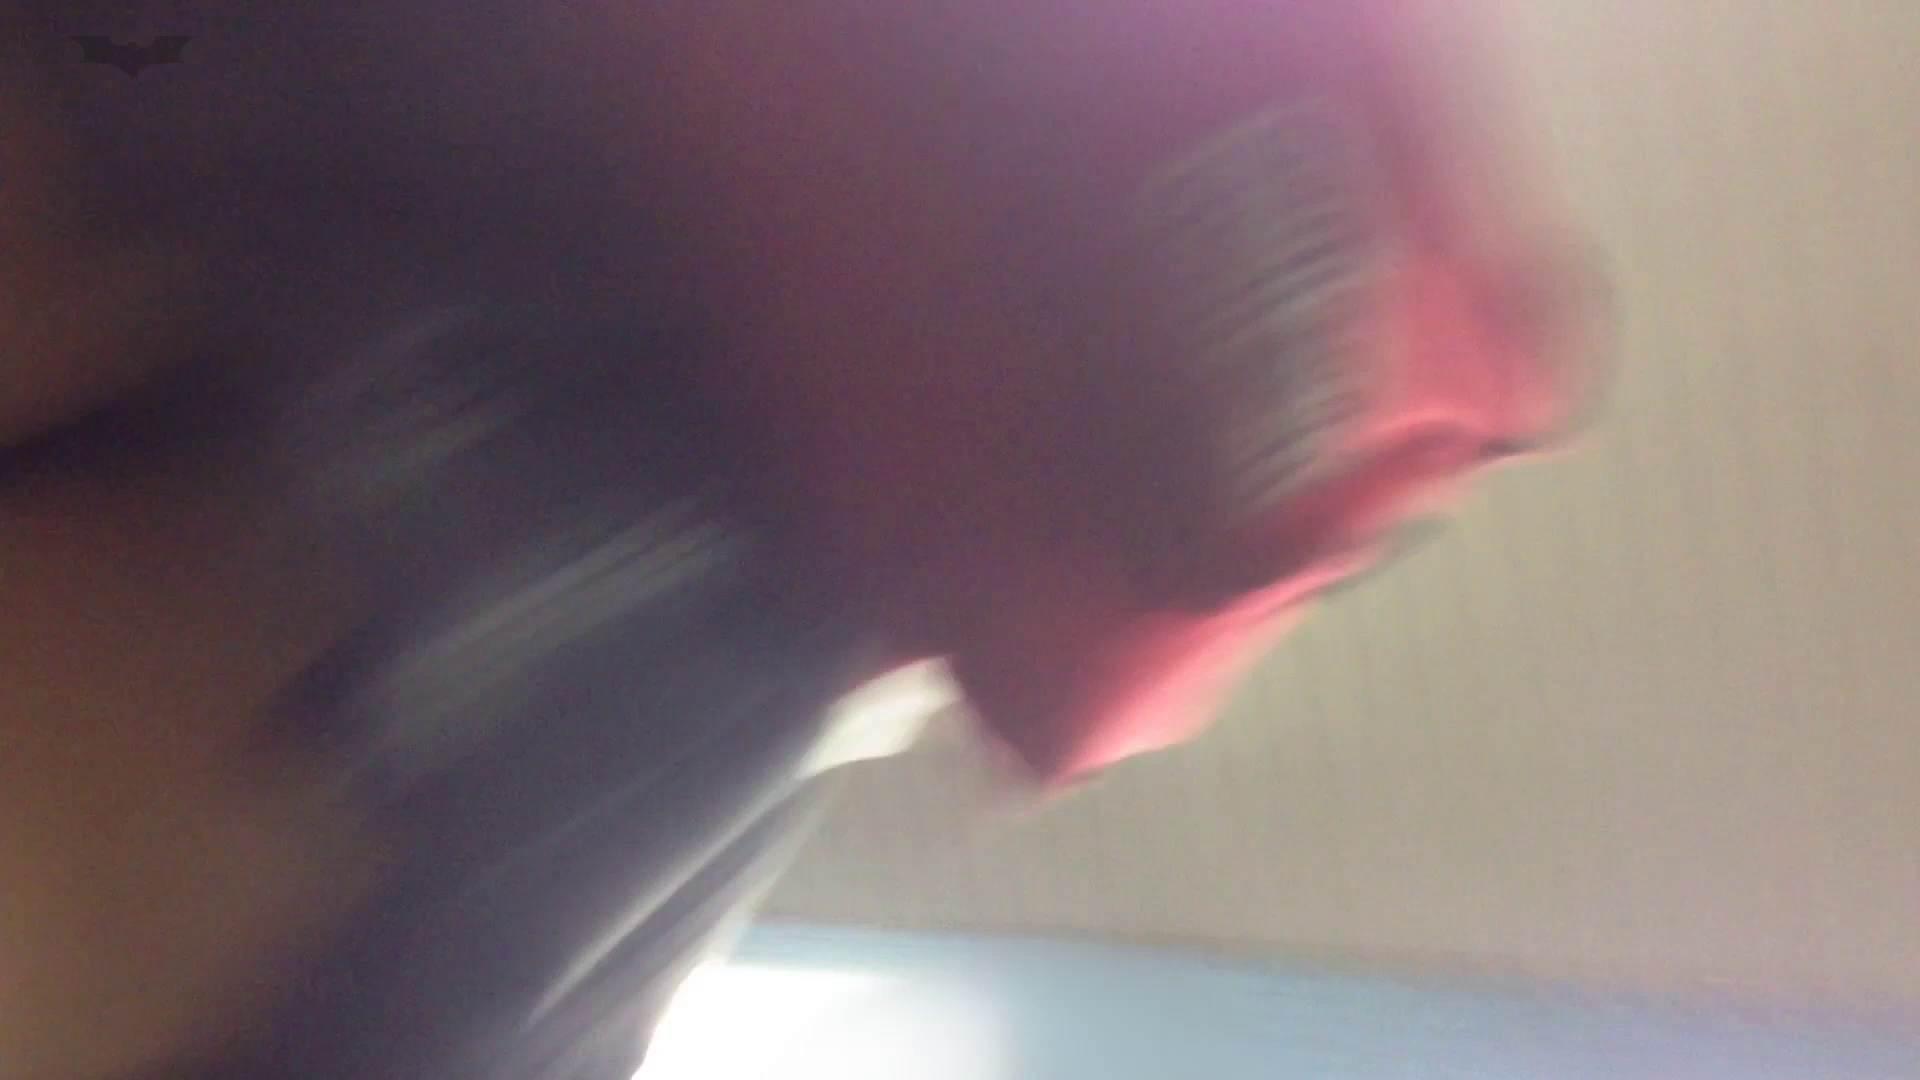 階段パンチラ Vol.08 エッチなOL AV無料動画キャプチャ 98枚 94